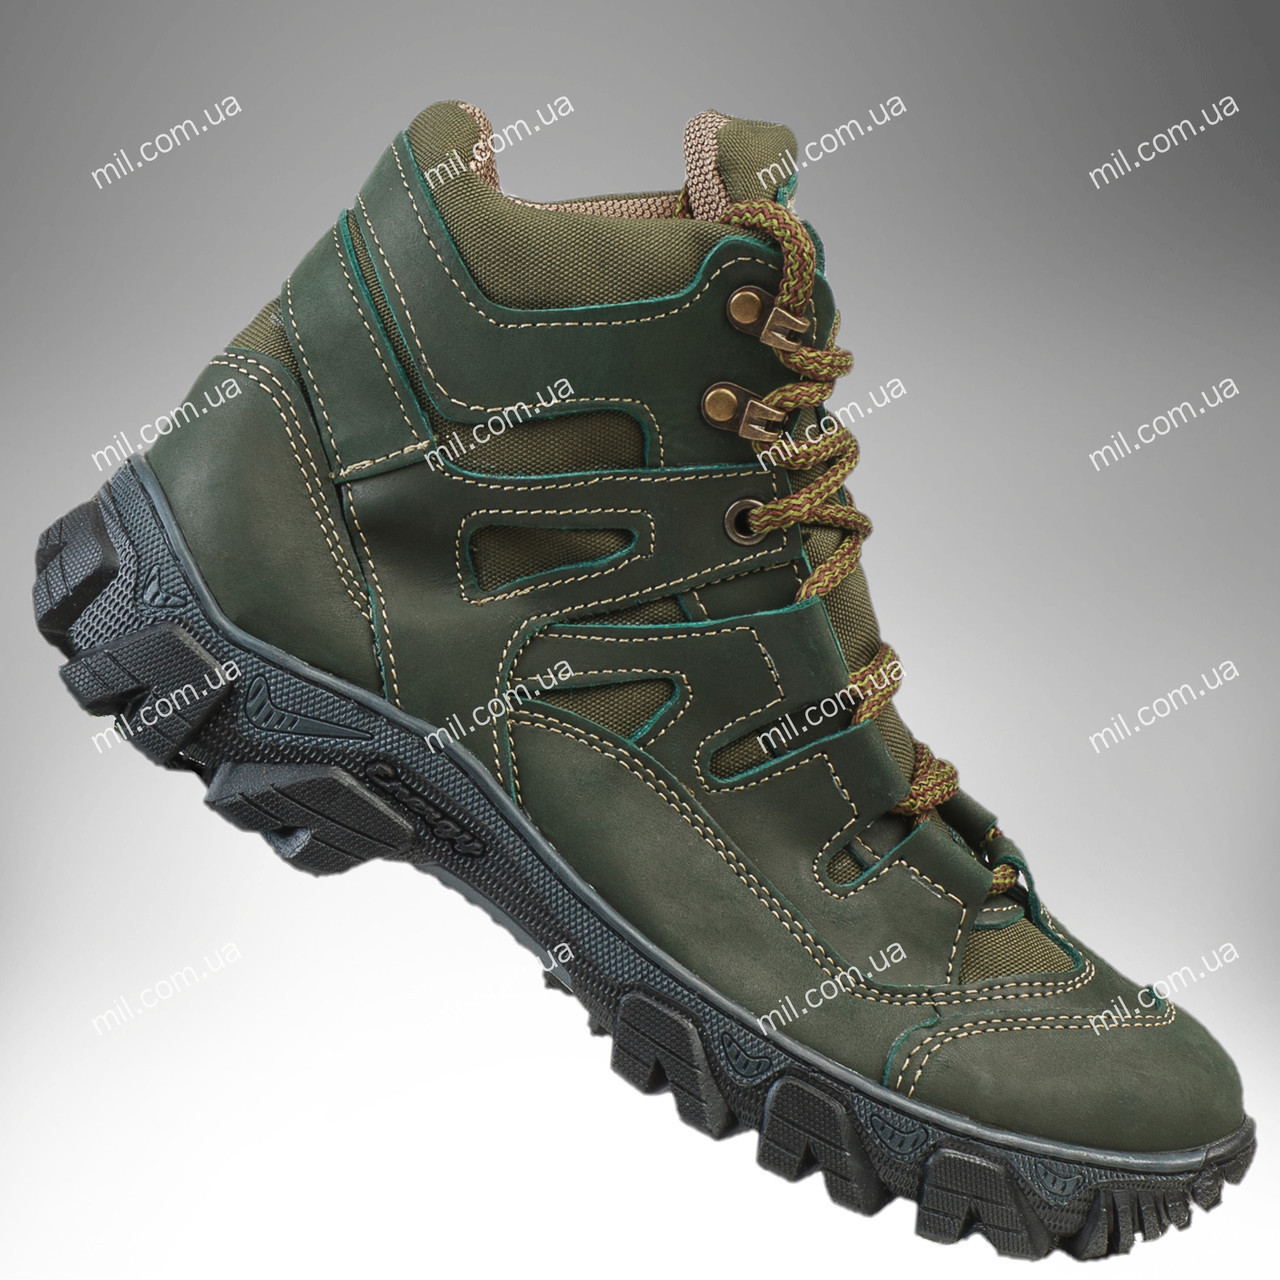 ⭐⭐Тактическая обувь демисезонная / военные, армейские ботинки Tactic HARD3 (olive)   военная обувь, военные